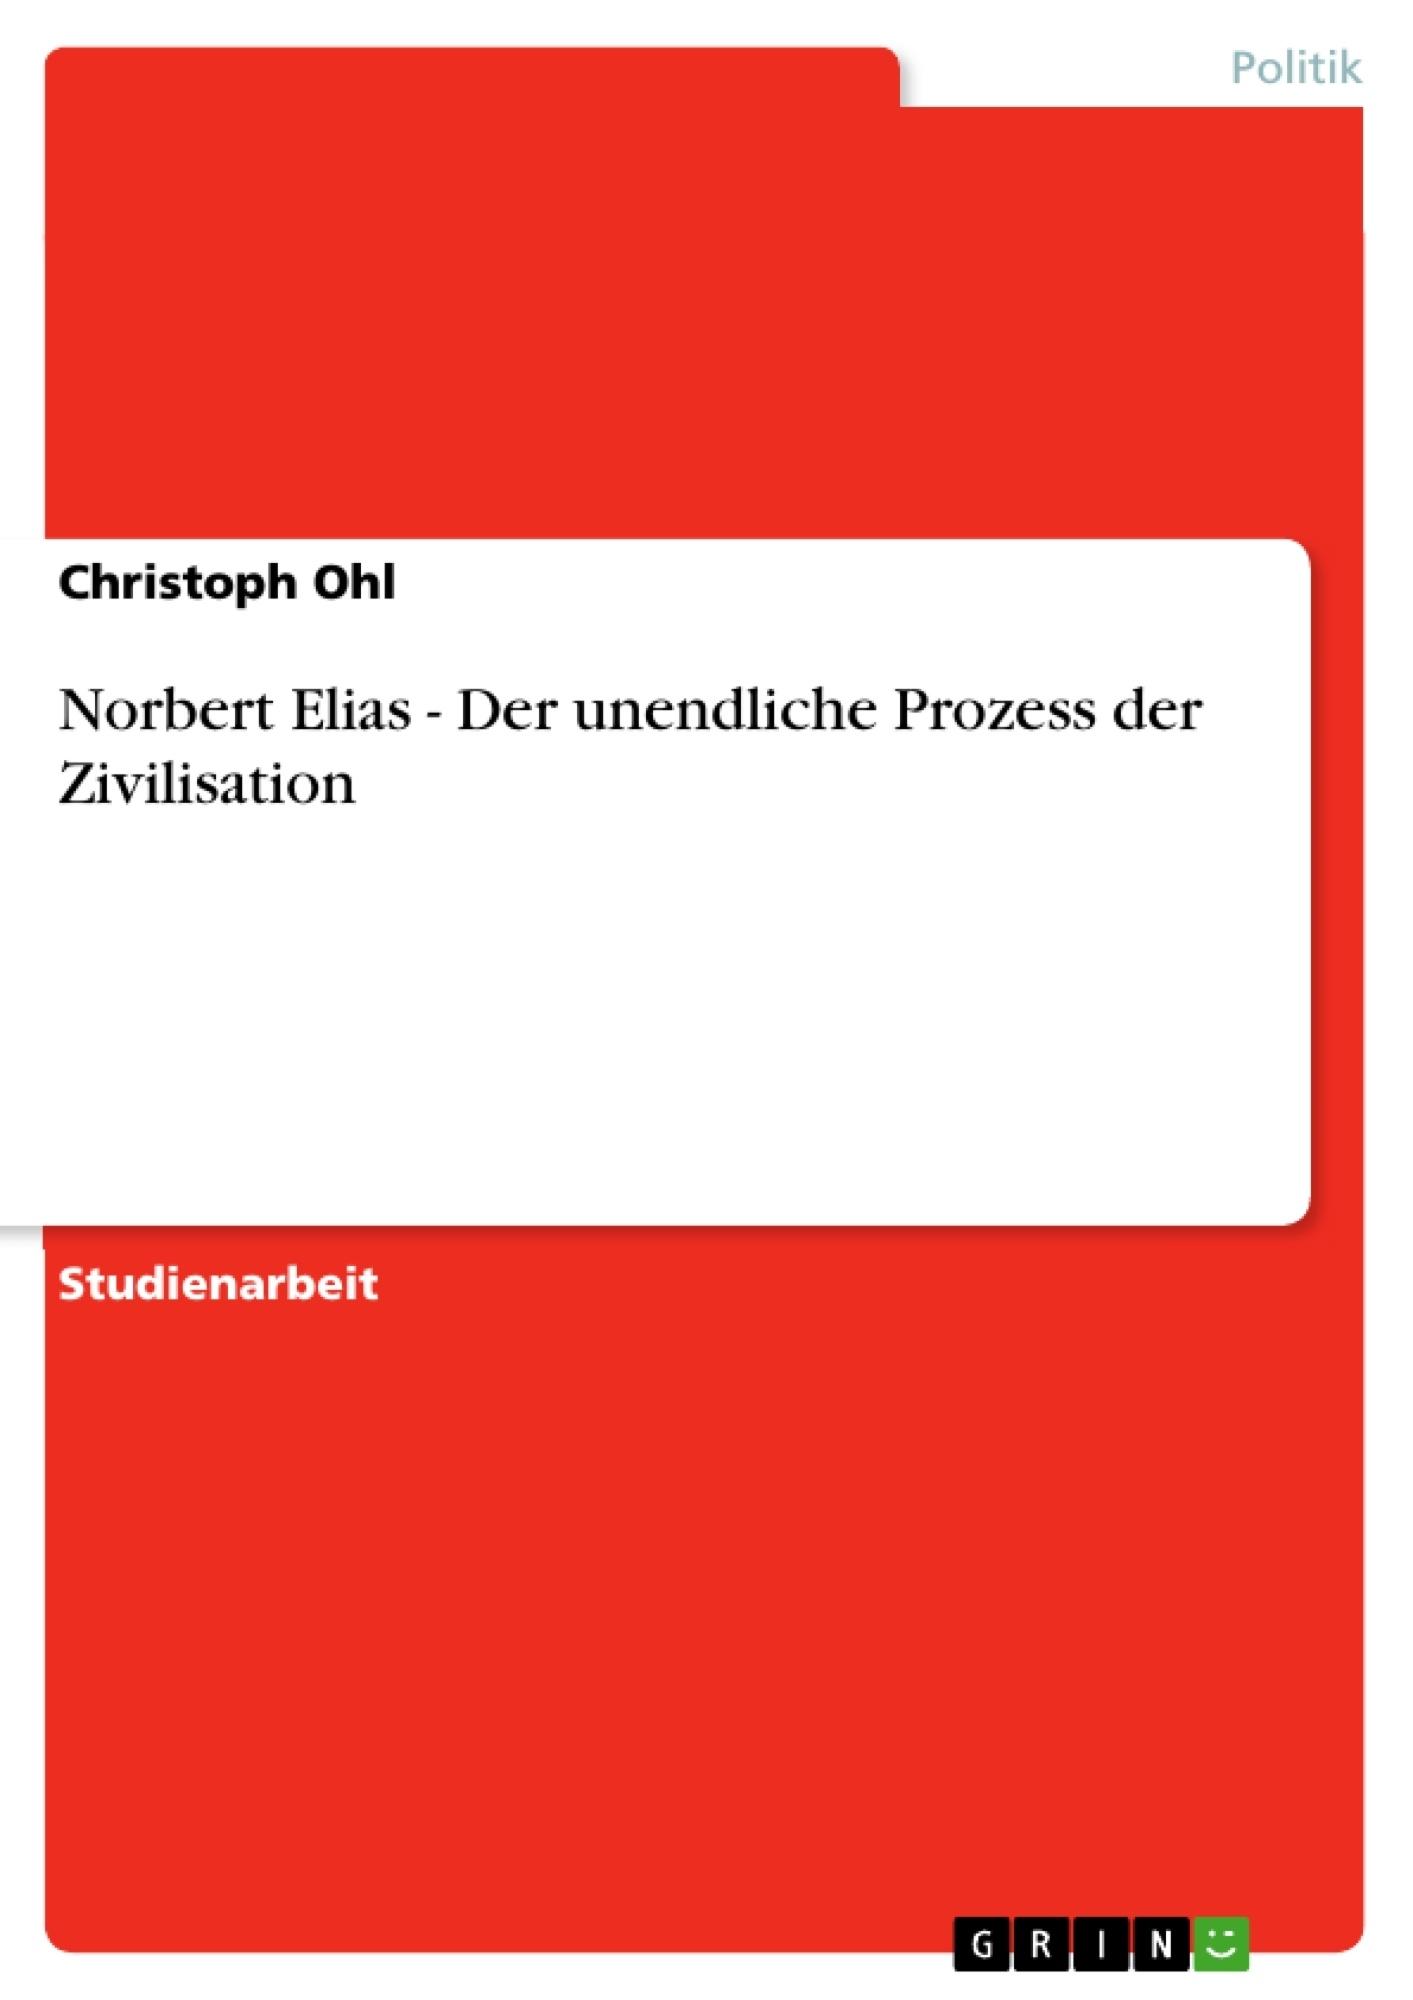 Titel: Norbert Elias - Der unendliche Prozess der Zivilisation